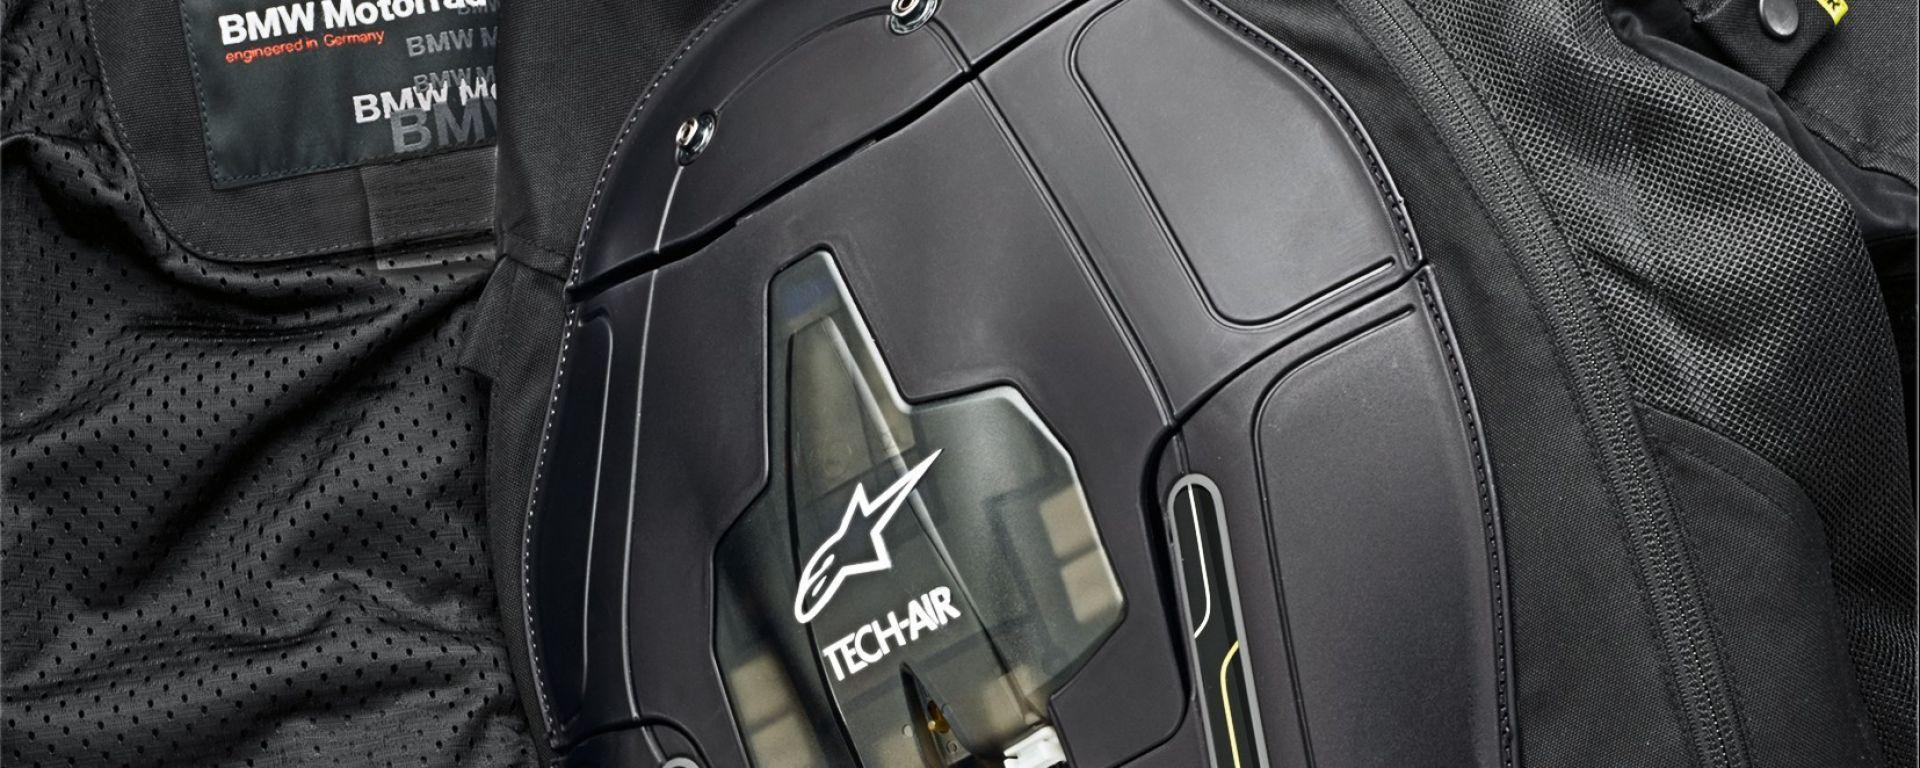 Giacca BMW Motorrad-Alpinestars, il meccanismo dell'airbag